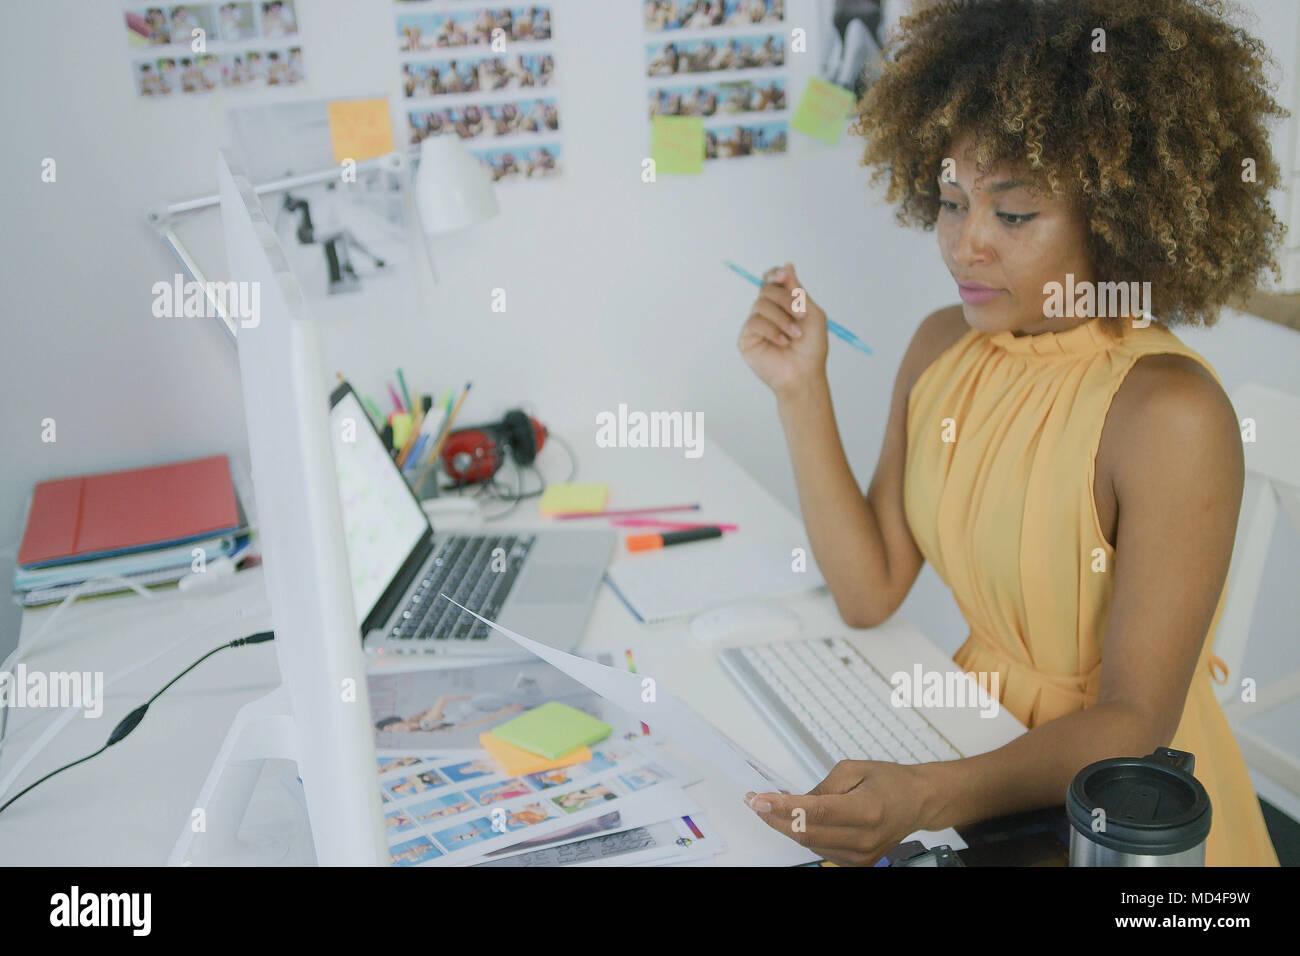 Estilosas posando en el escritorio Imagen De Stock